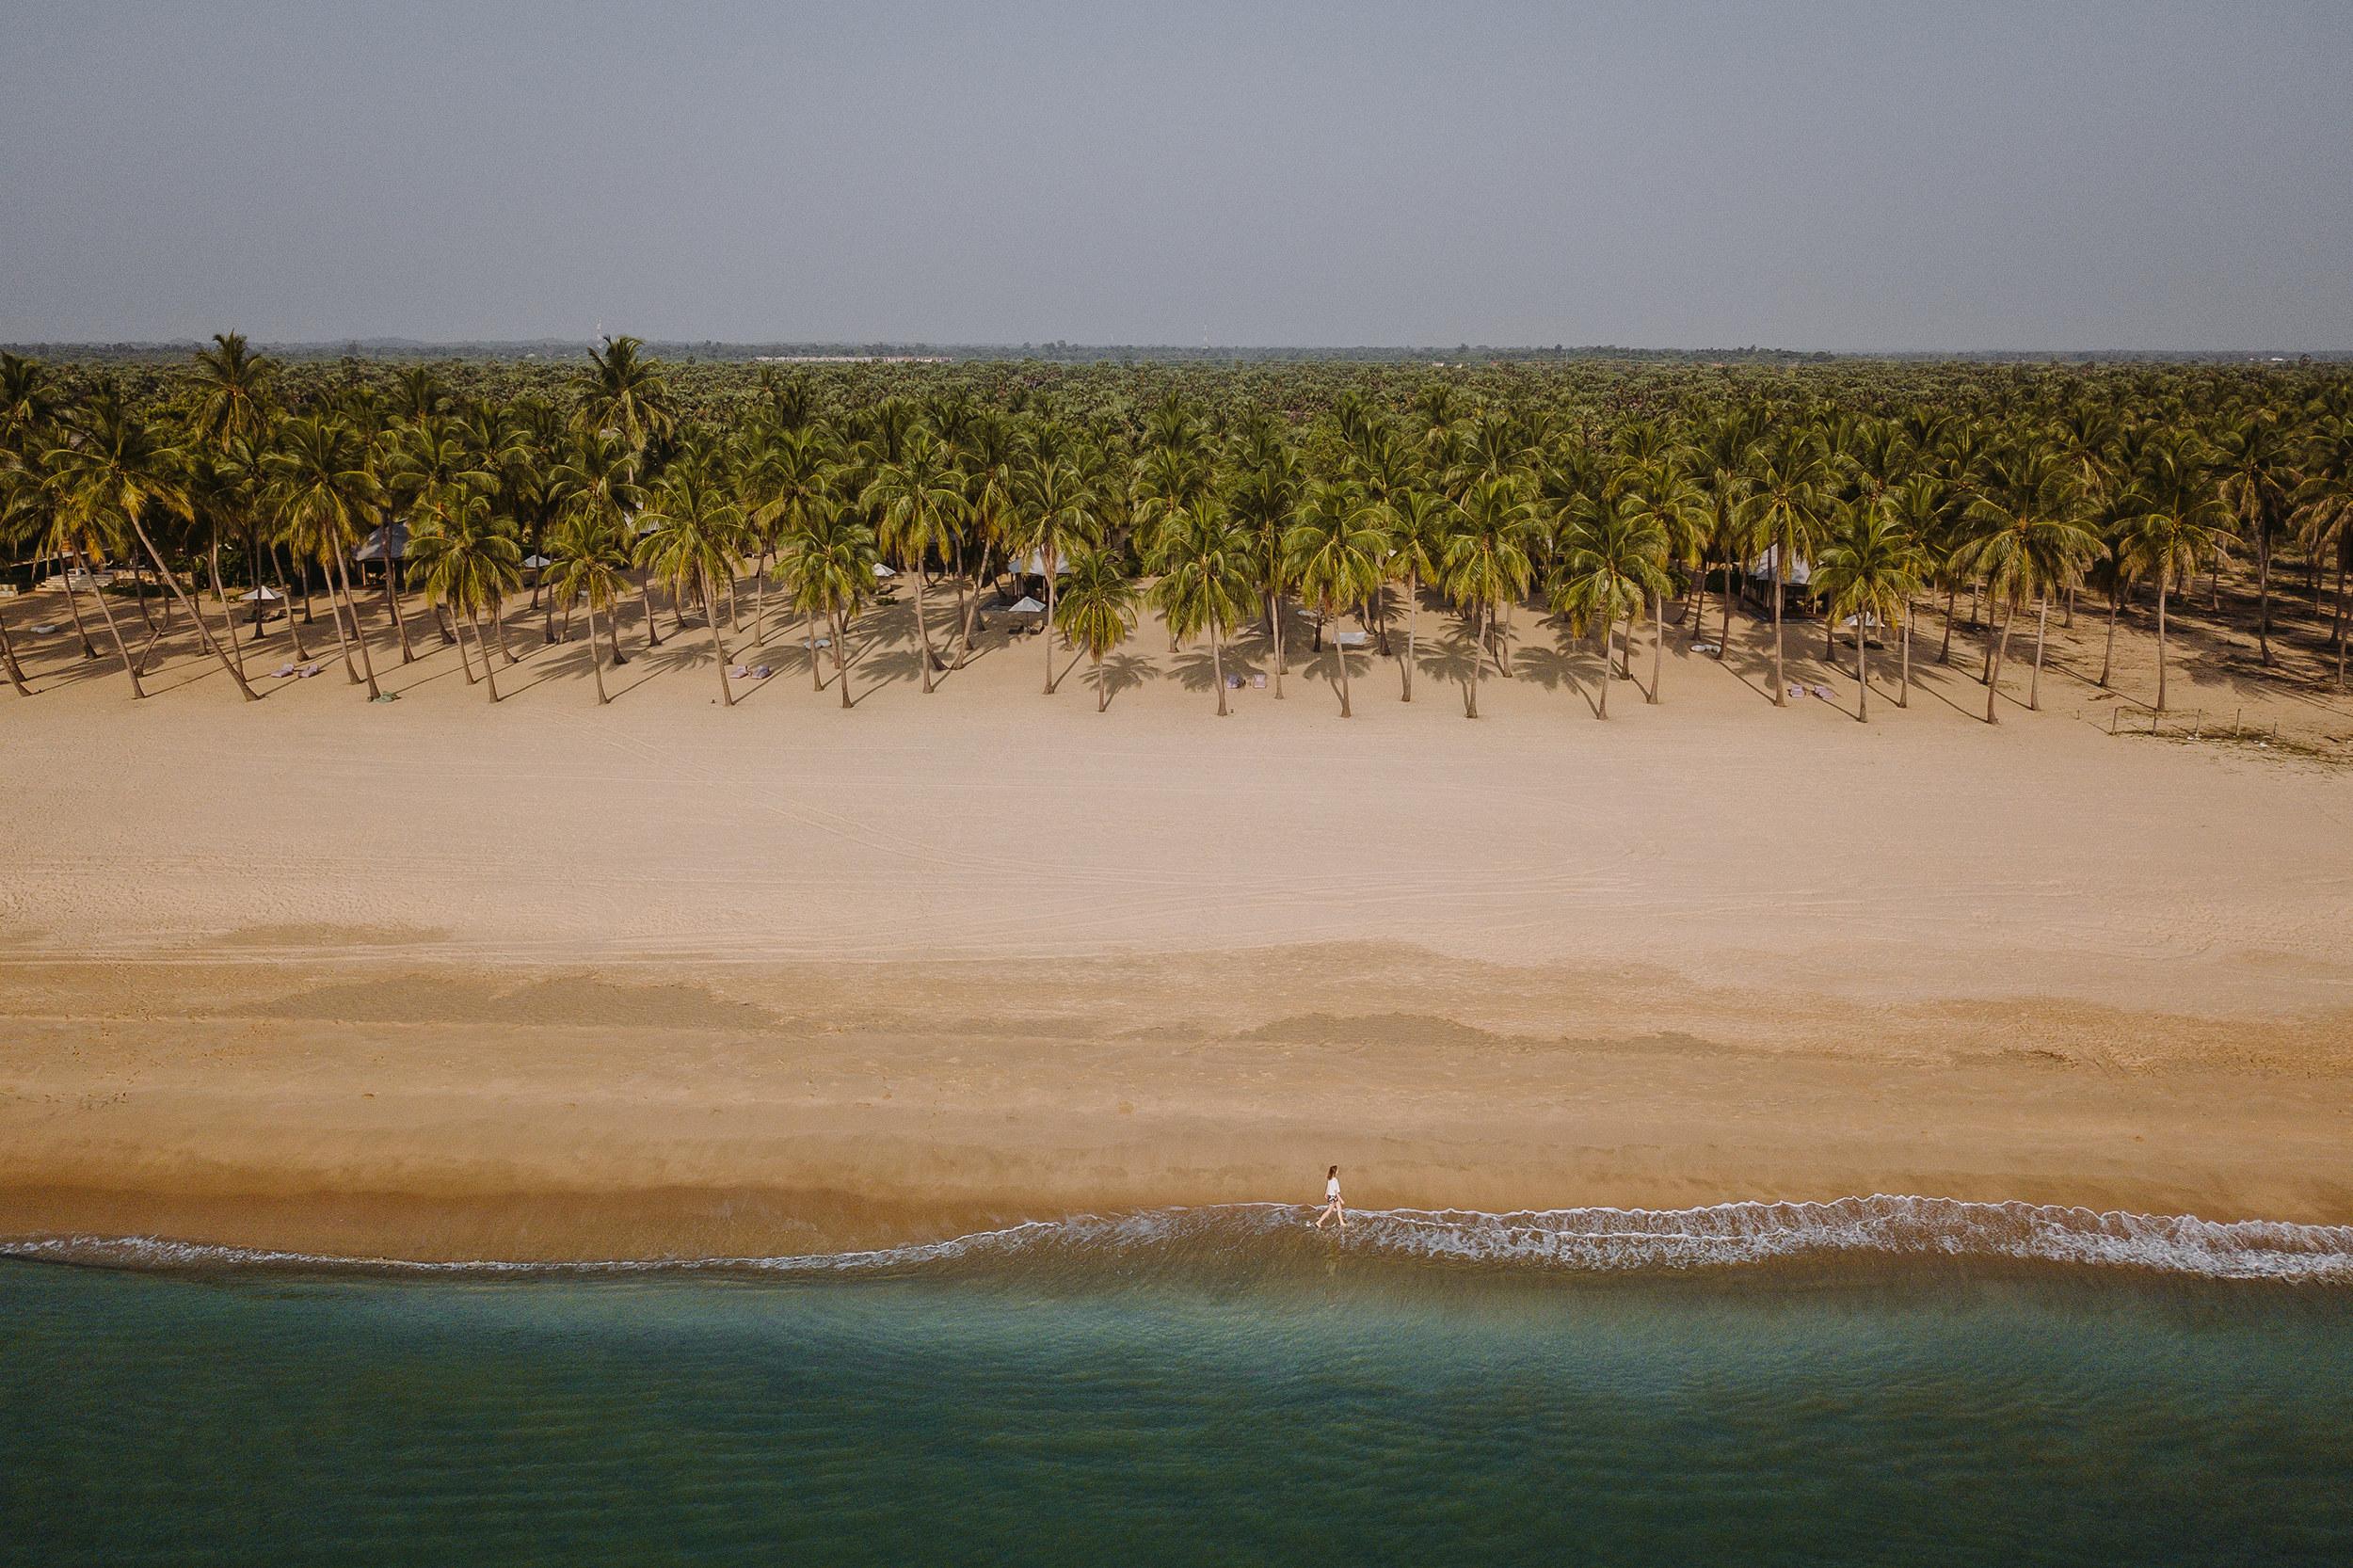 KS beach drone shot.jpg